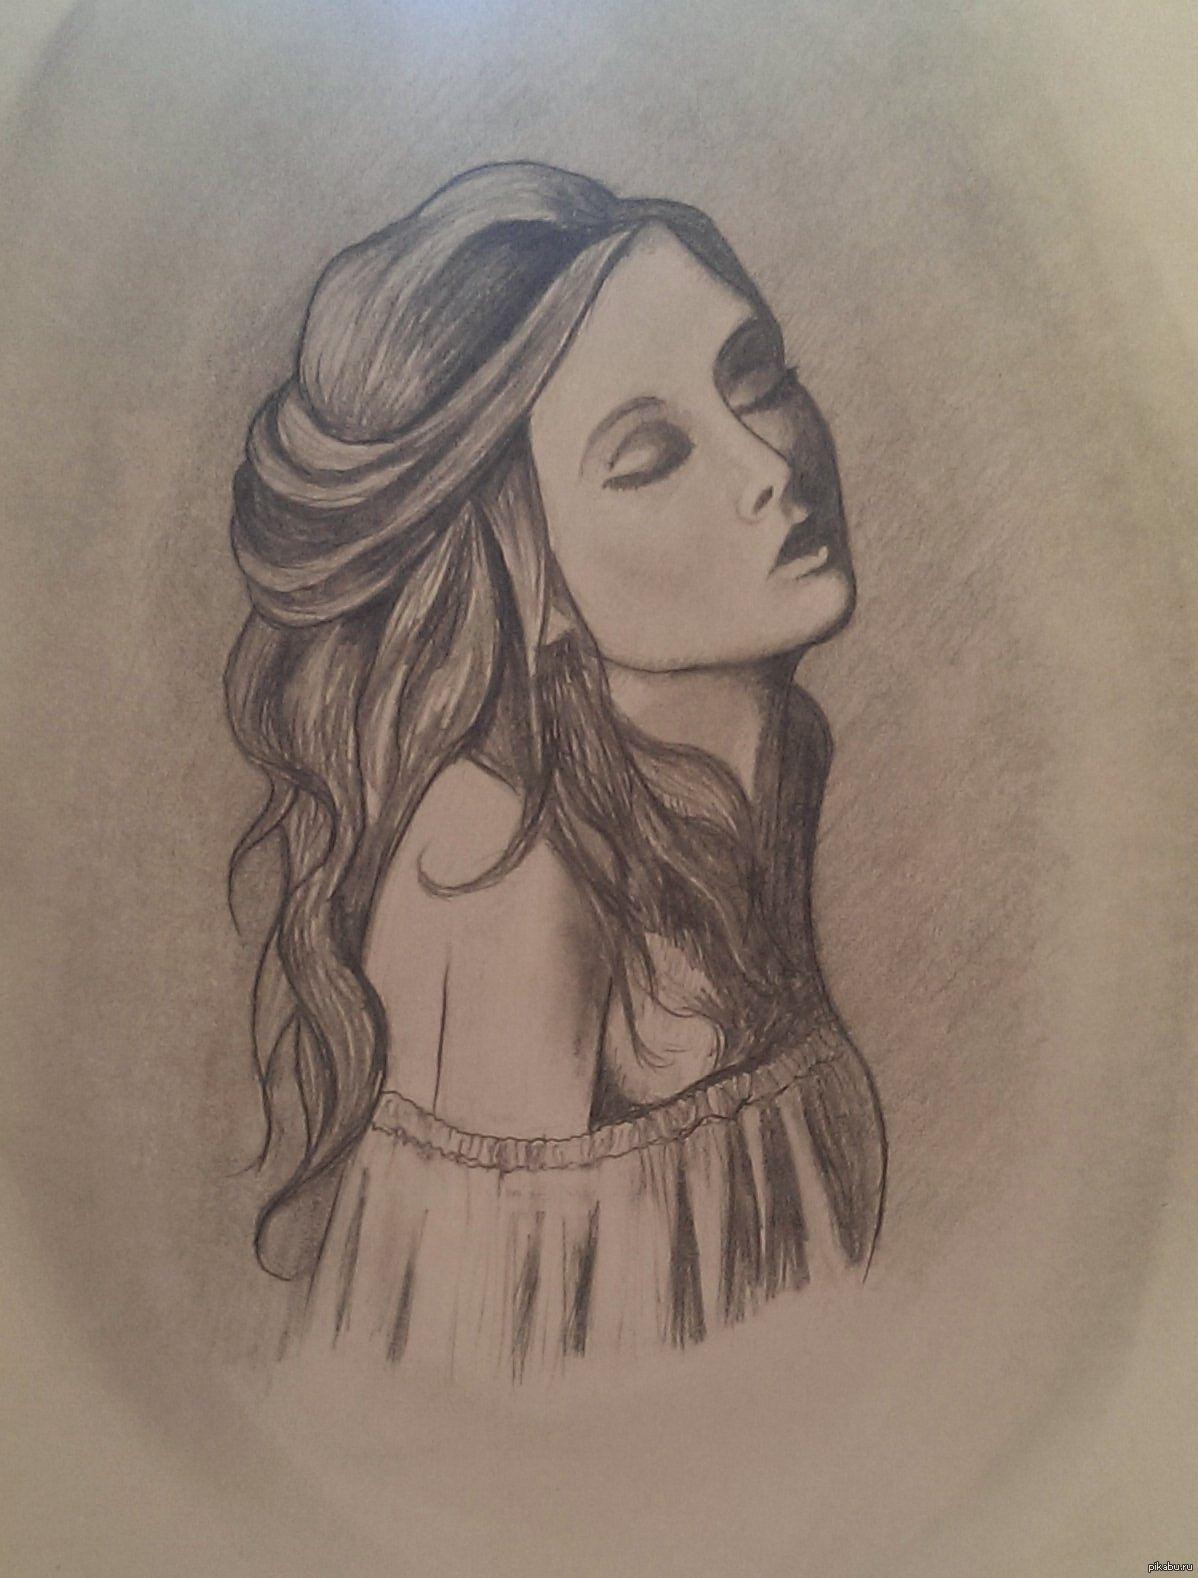 Картинки с изображением девушек для срисовки, будет